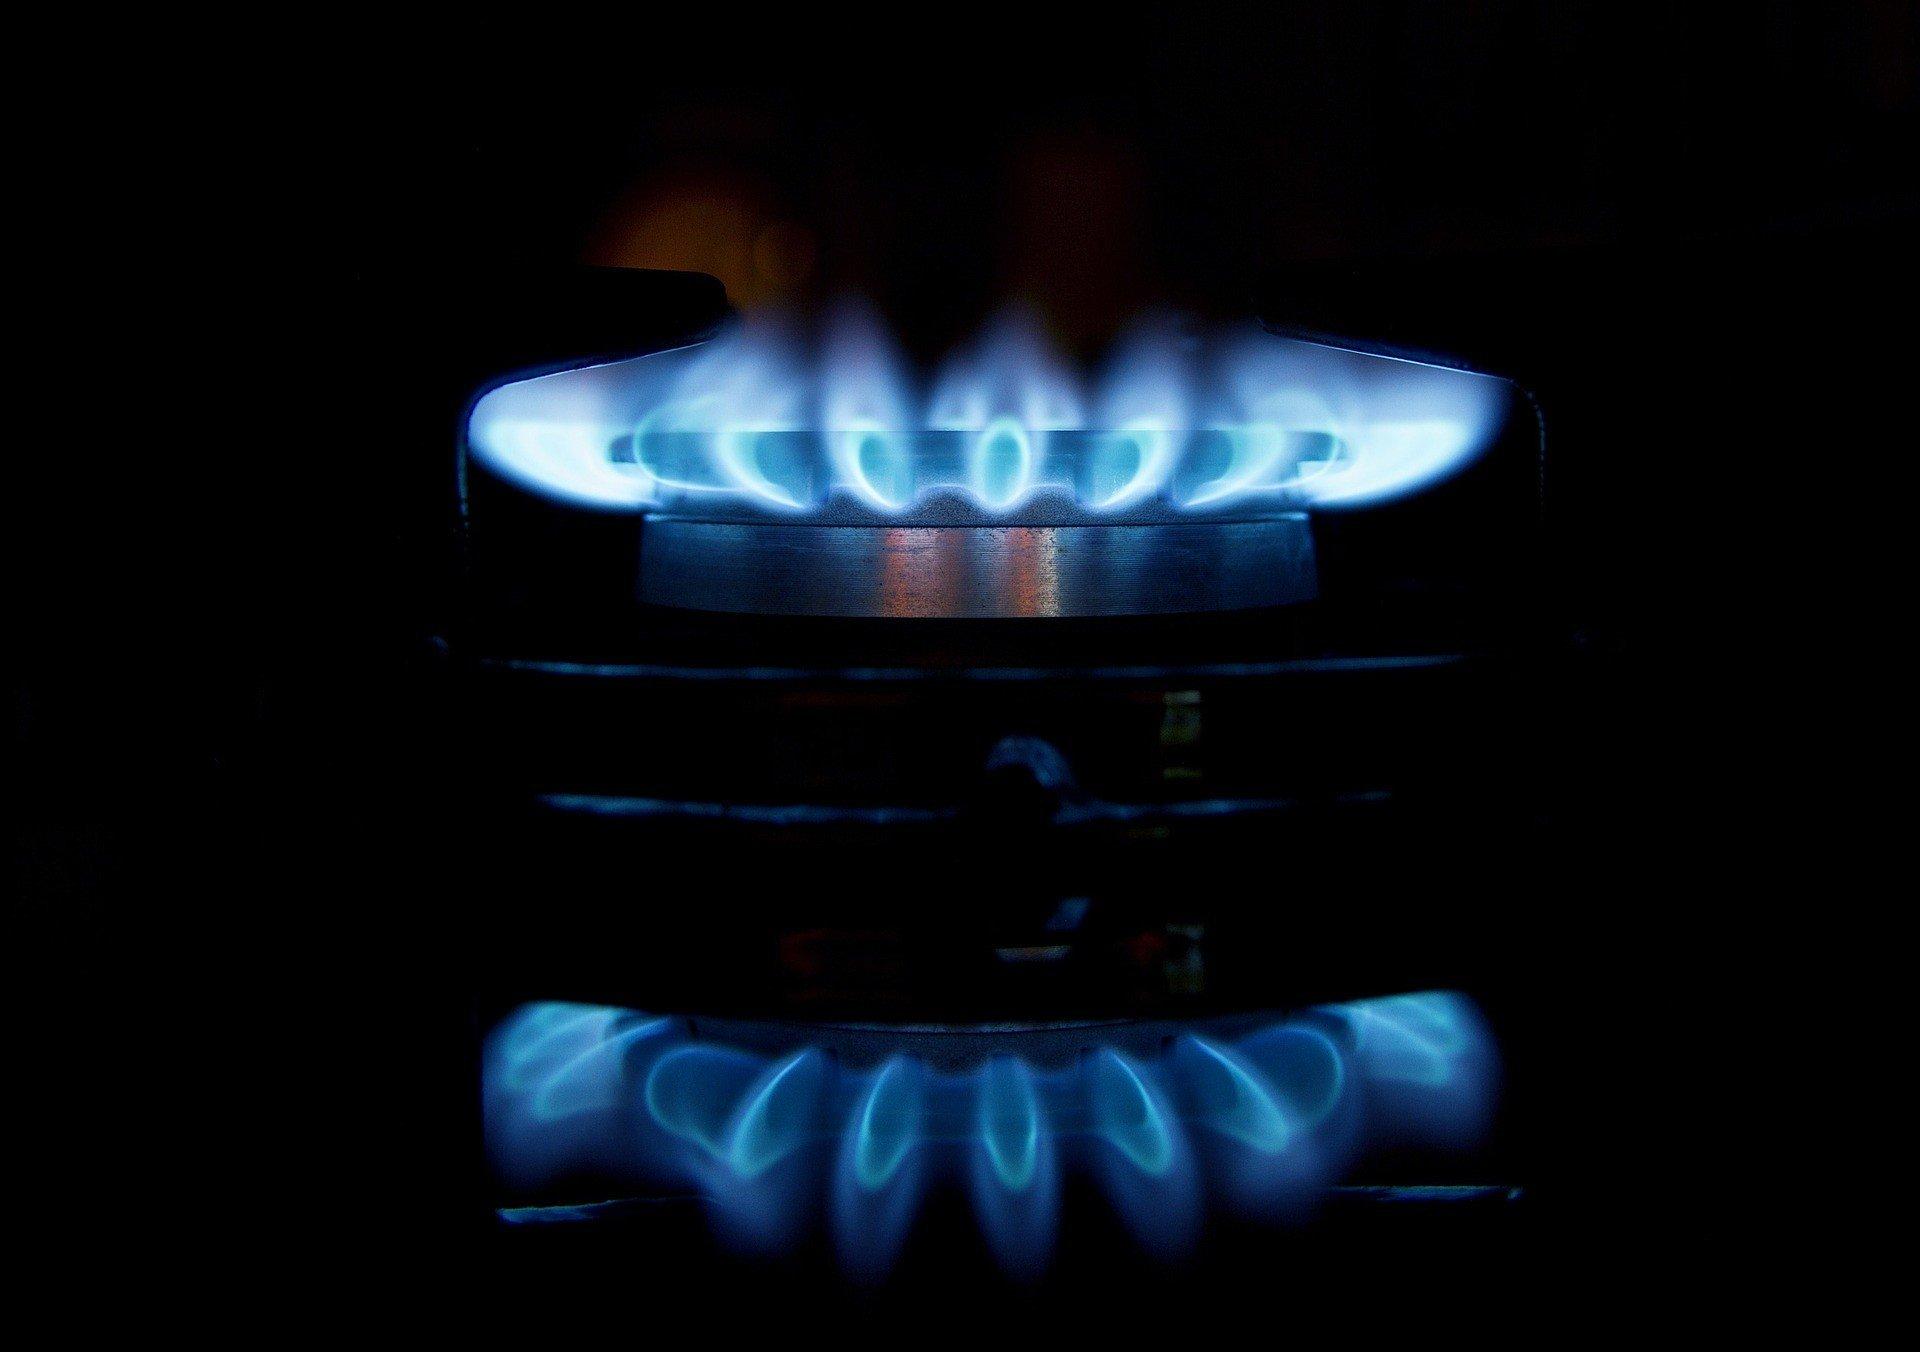 Транспортировка российского газа через Украину сократилась